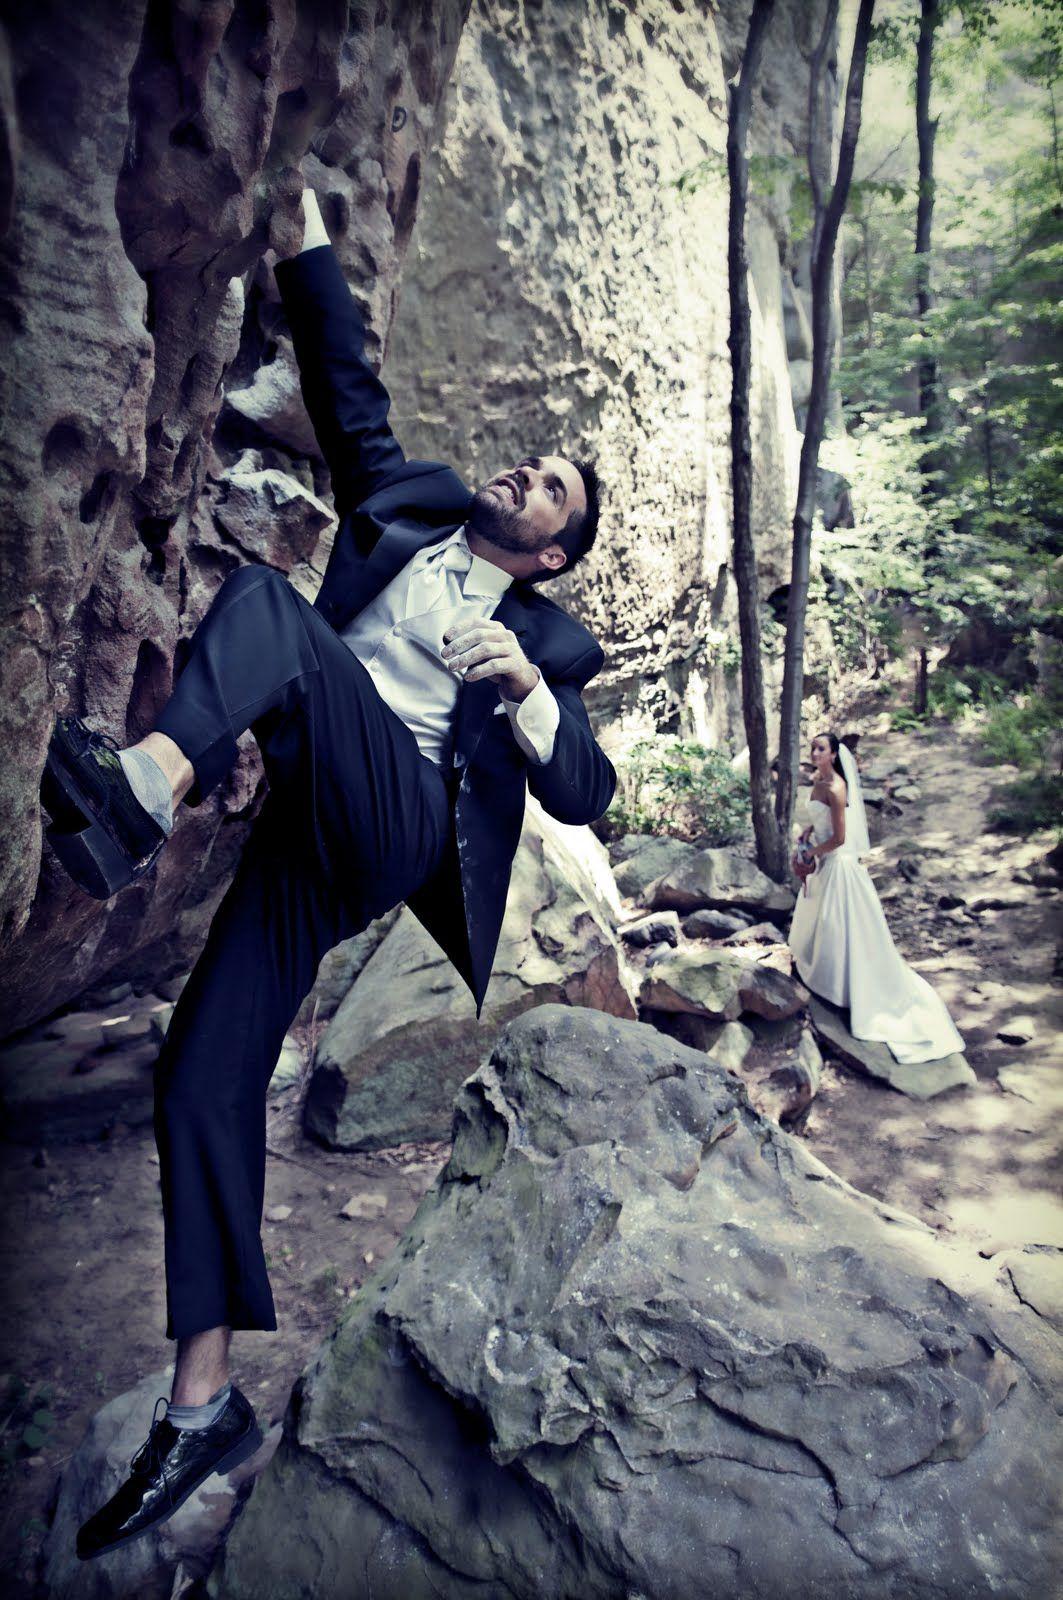 Outdoor wedding photos rock climbing wedding wedding shoot